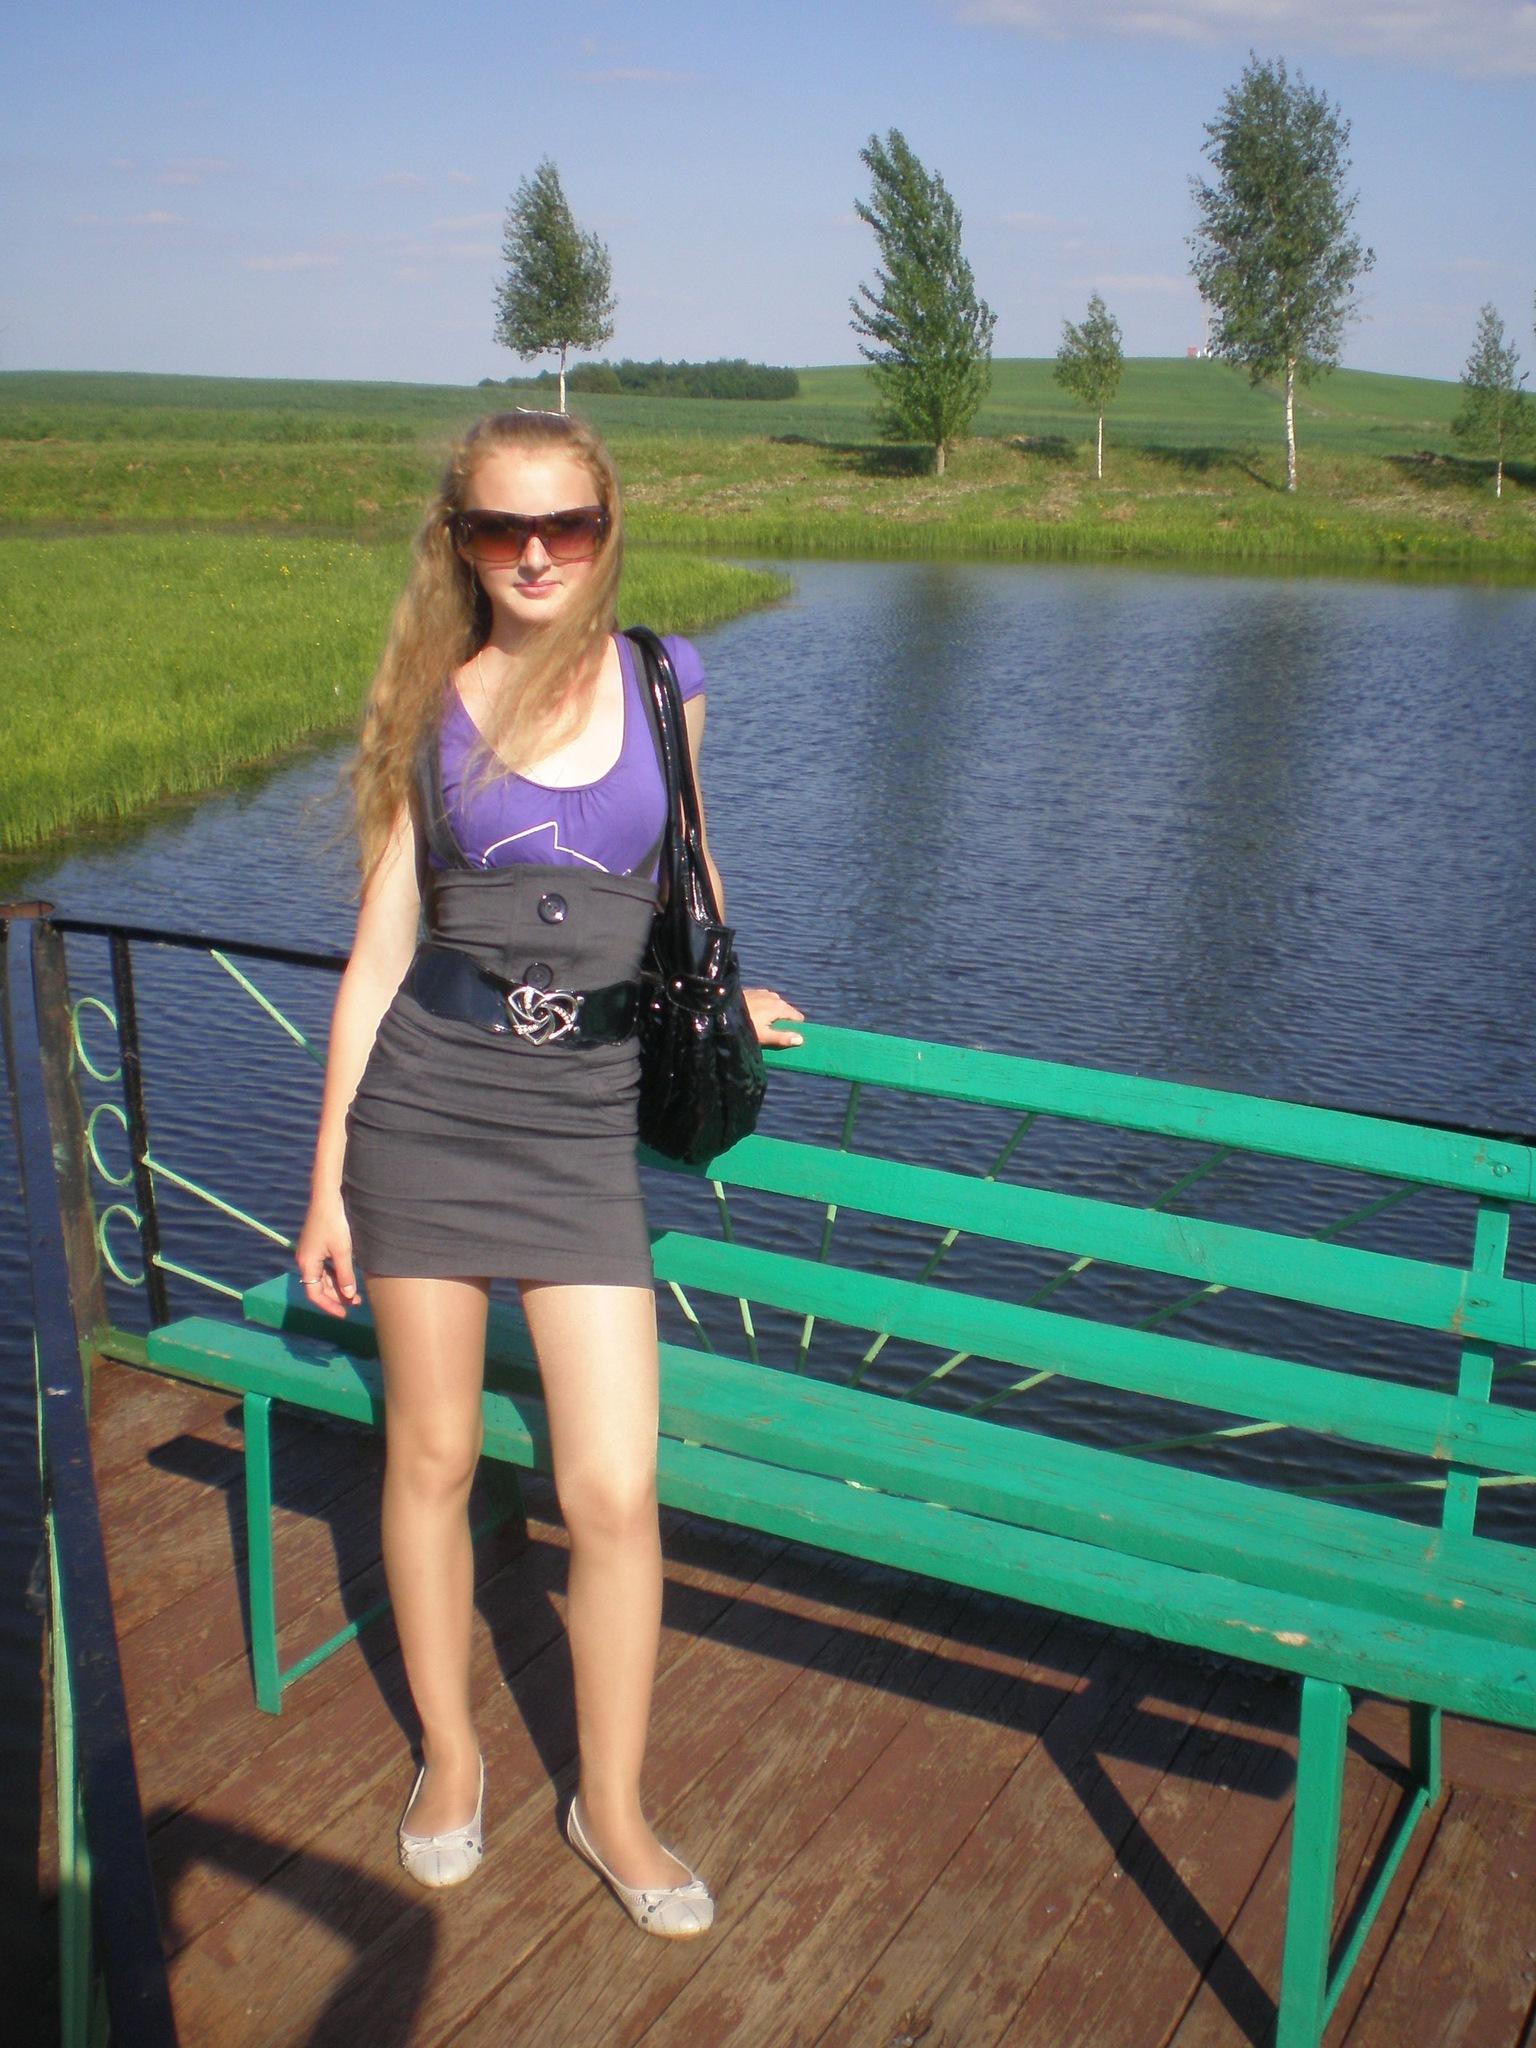 У красотки под юбкой красивые трусики на PornoRussiaTV